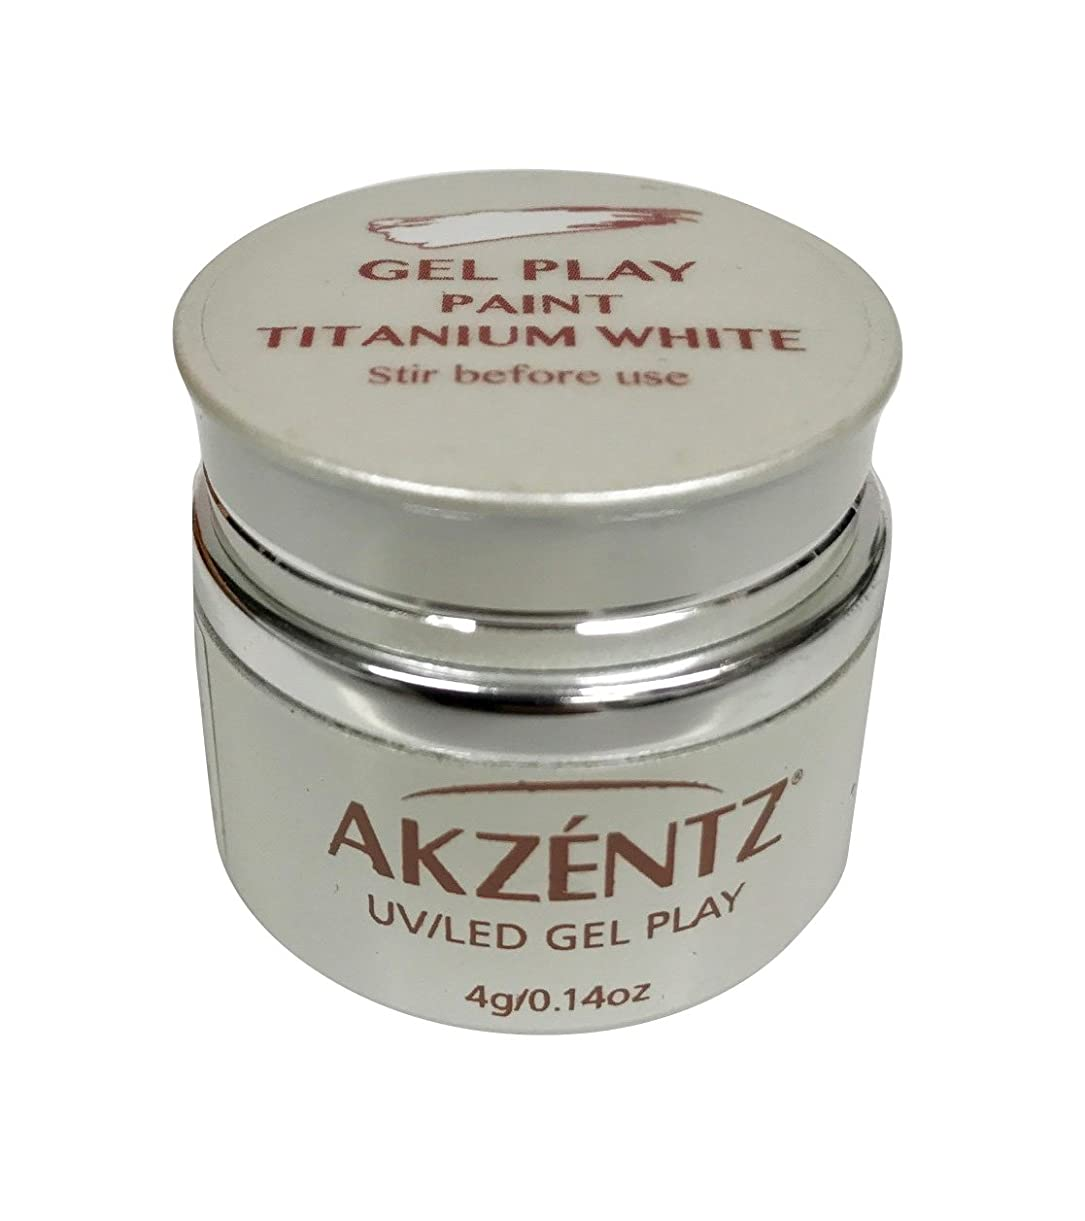 有毒なに応じて保全AKZENTZ(アクセンツ) UV/LED ジェルプレイ ペイントチタニウムホワイト 4g